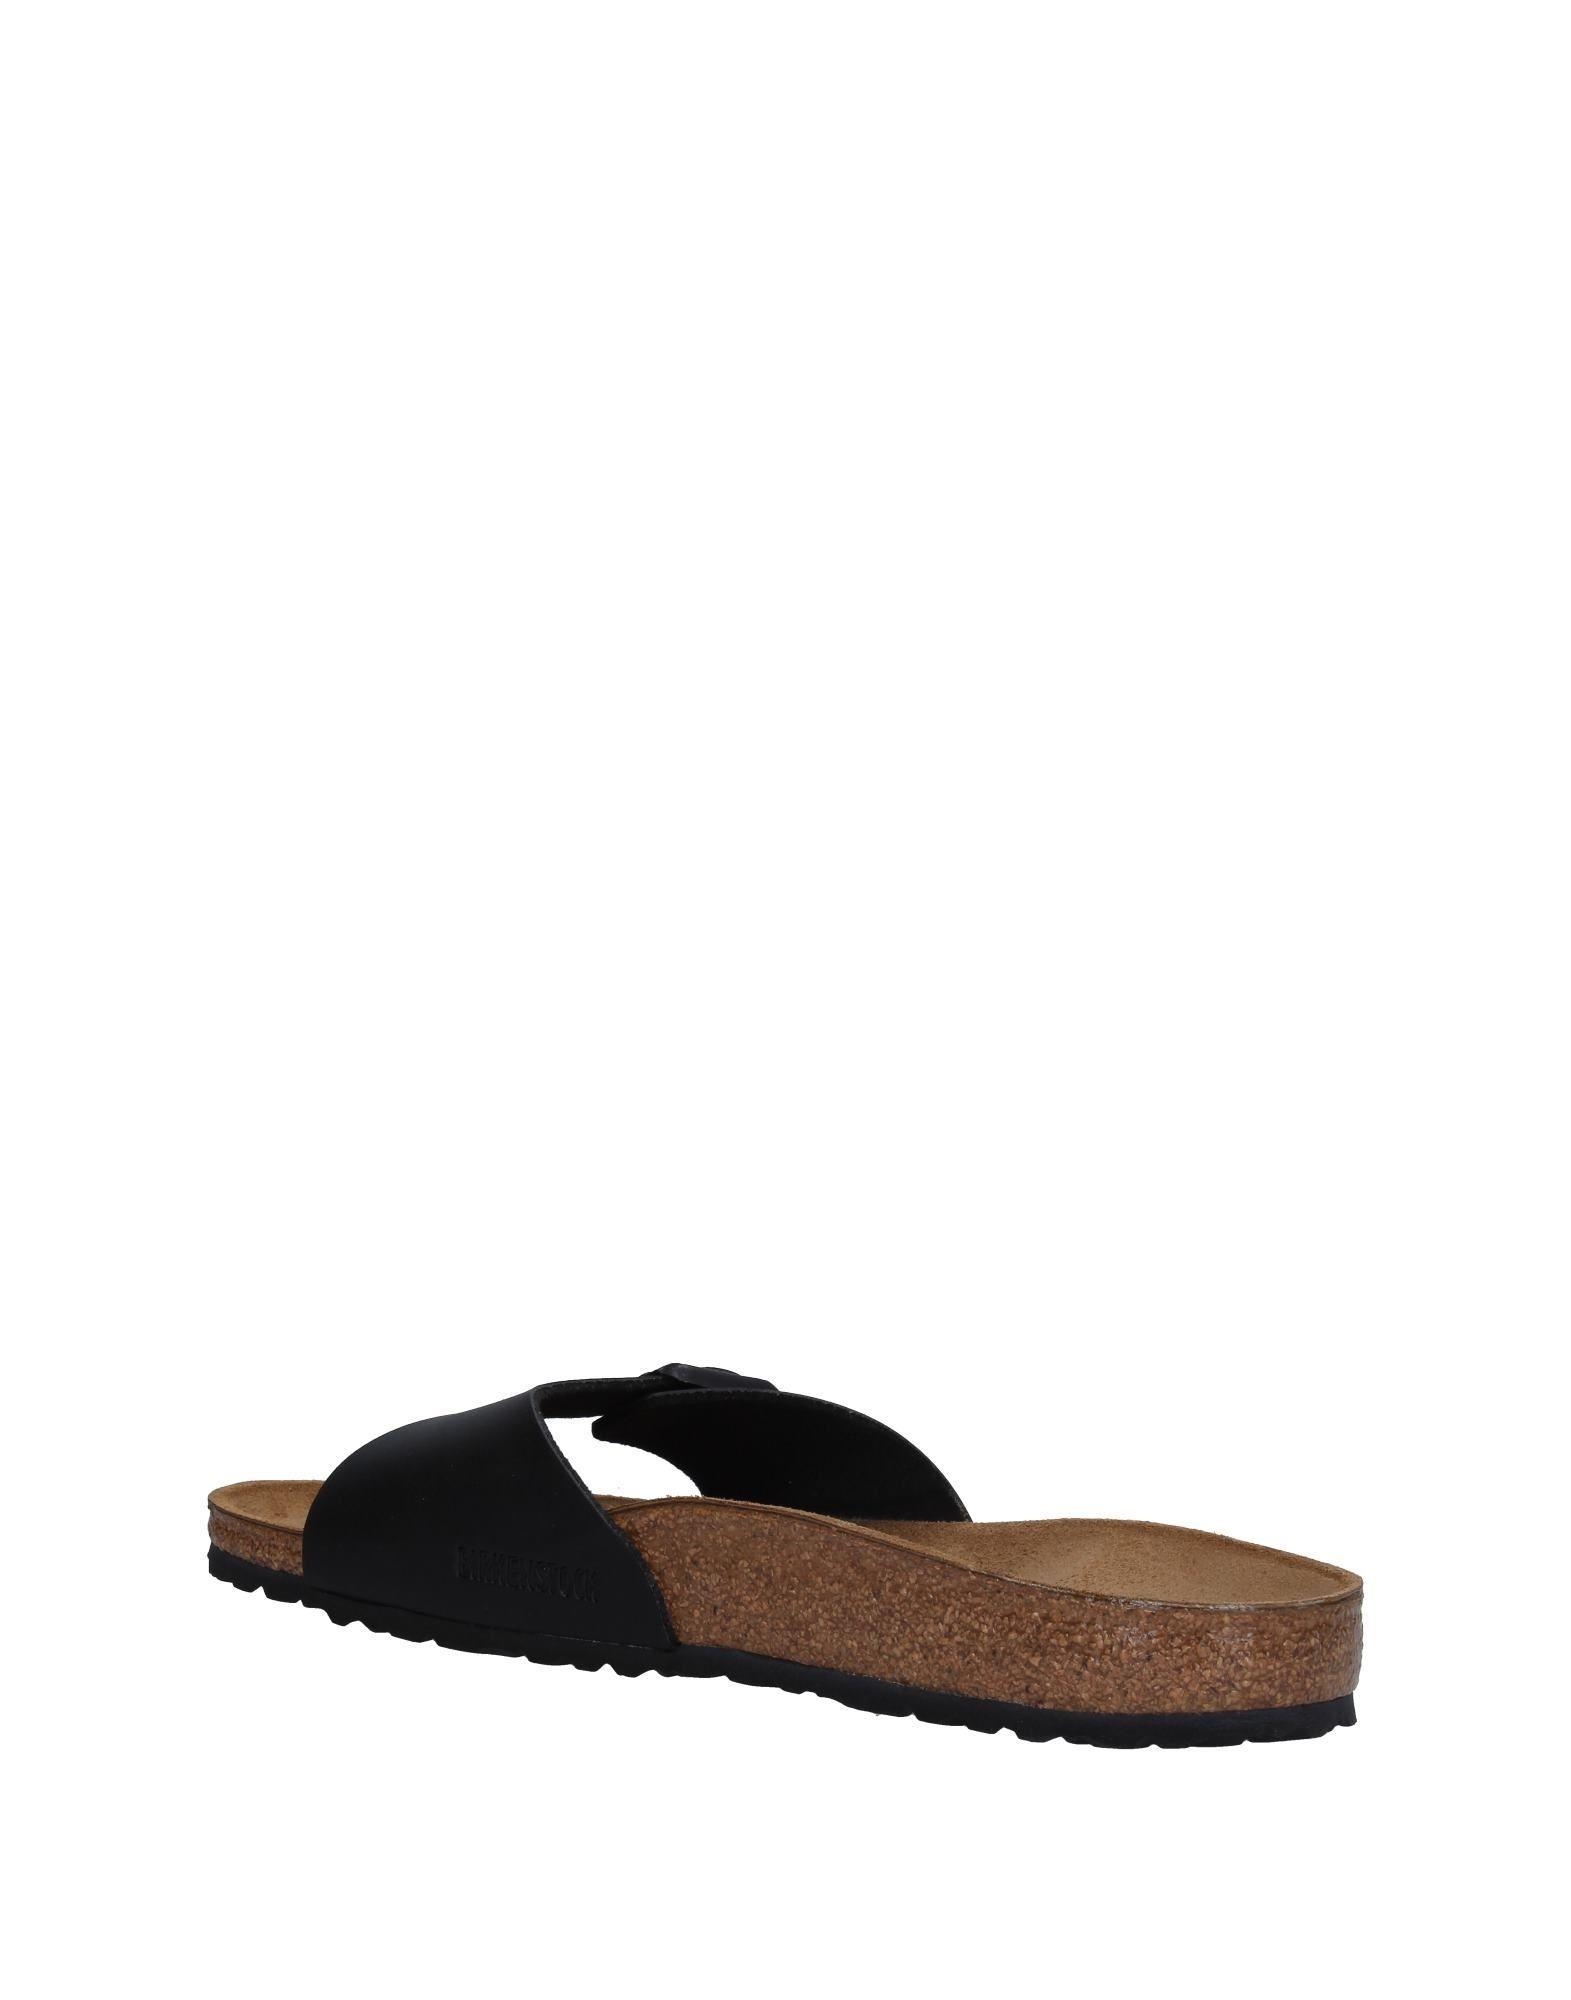 Rabatt Herren echte Schuhe Birkenstock Sandalen Herren Rabatt  11316230HB 7166ff